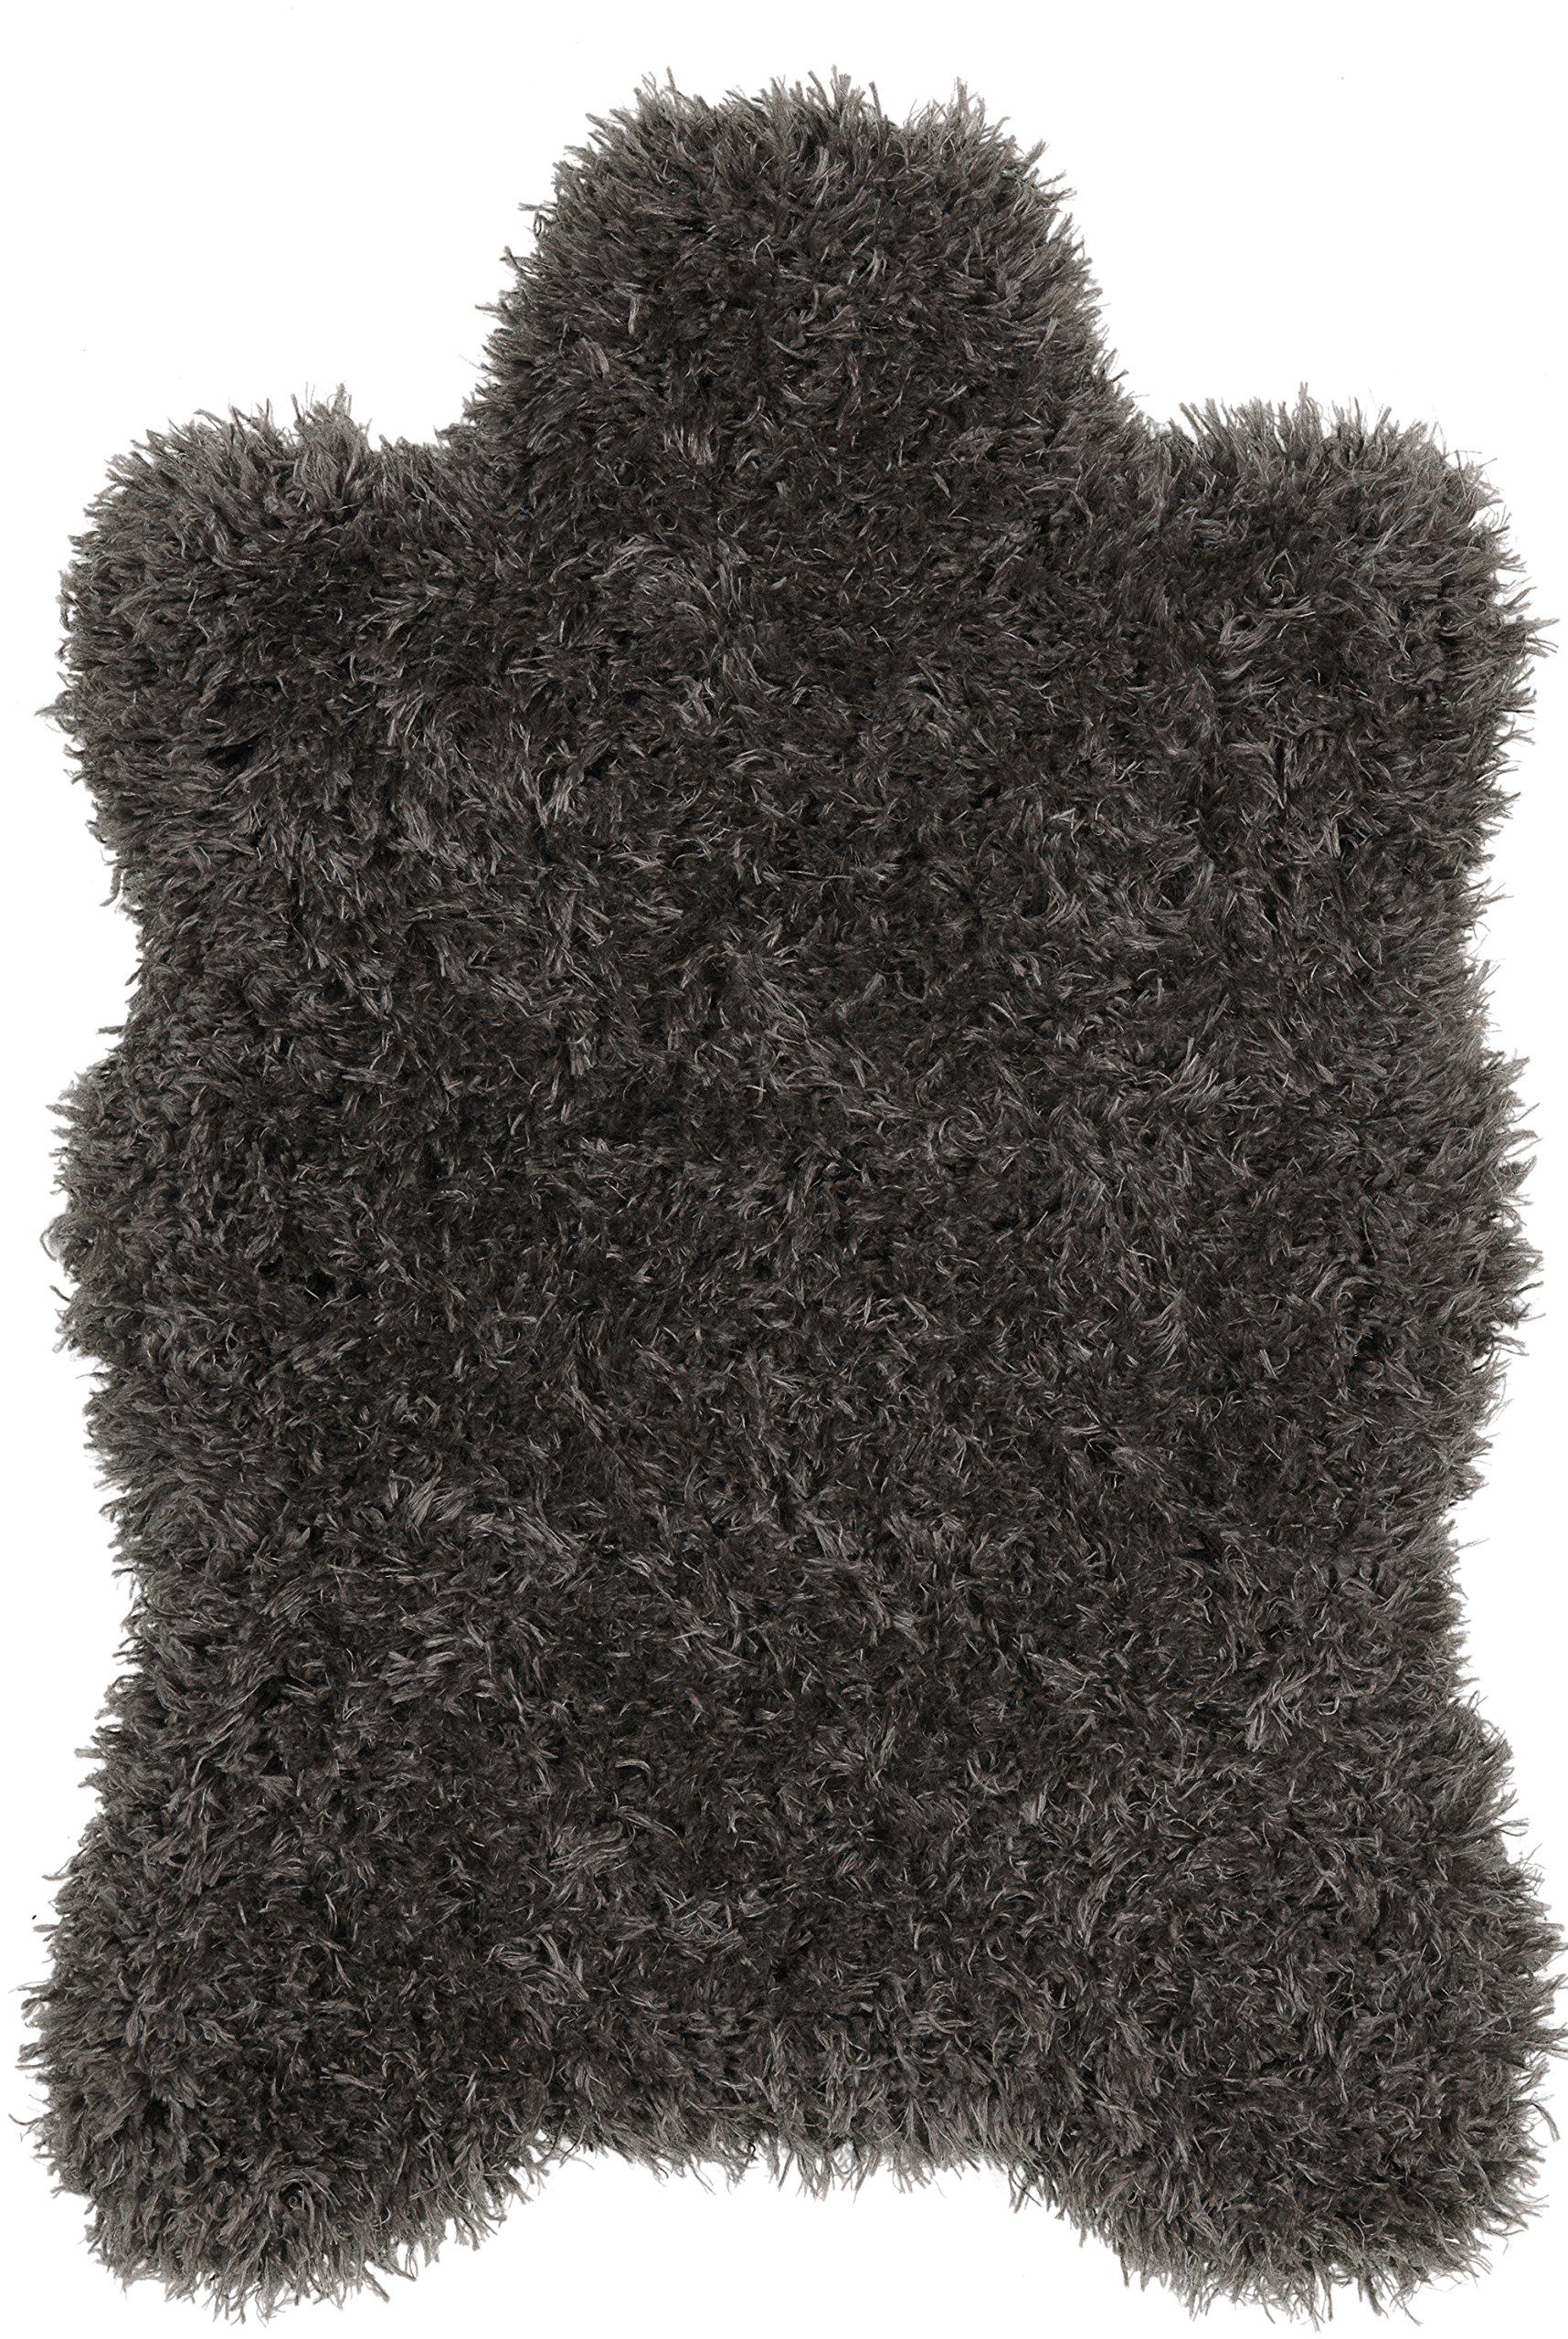 Ottomanson Flokati Collection Faux Sheepskin Lambskin Design Shag Rug, 2'X3'3, Dark Grey